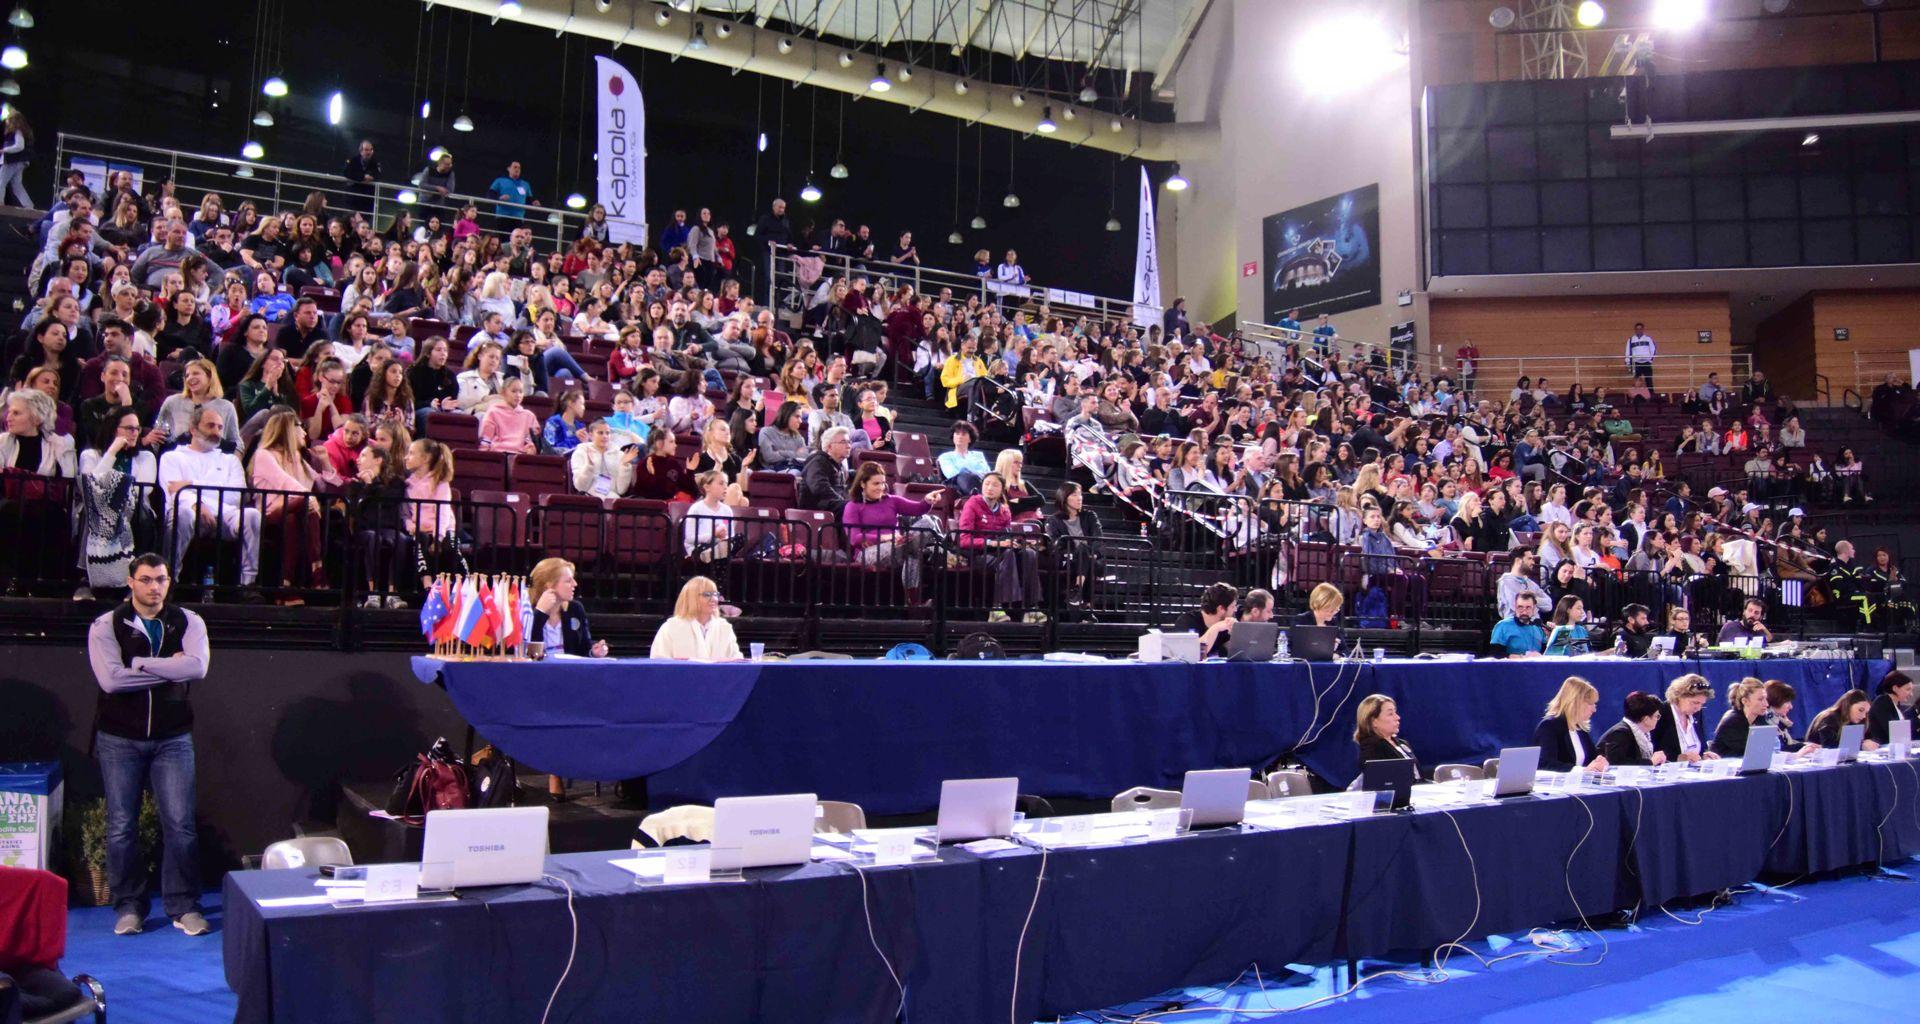 Φίλαθλοι κάθε ηλικίας γέμισαν την κεντρική εξέδρα του Ολυμπιακού Κλειστού του Φαλήρου και χειροκρότησαν θερμά τις Ελληνίδες αλλά και τις ξένες αθλήτριες, που πρόσφεραν πλούσιο θέαμα.